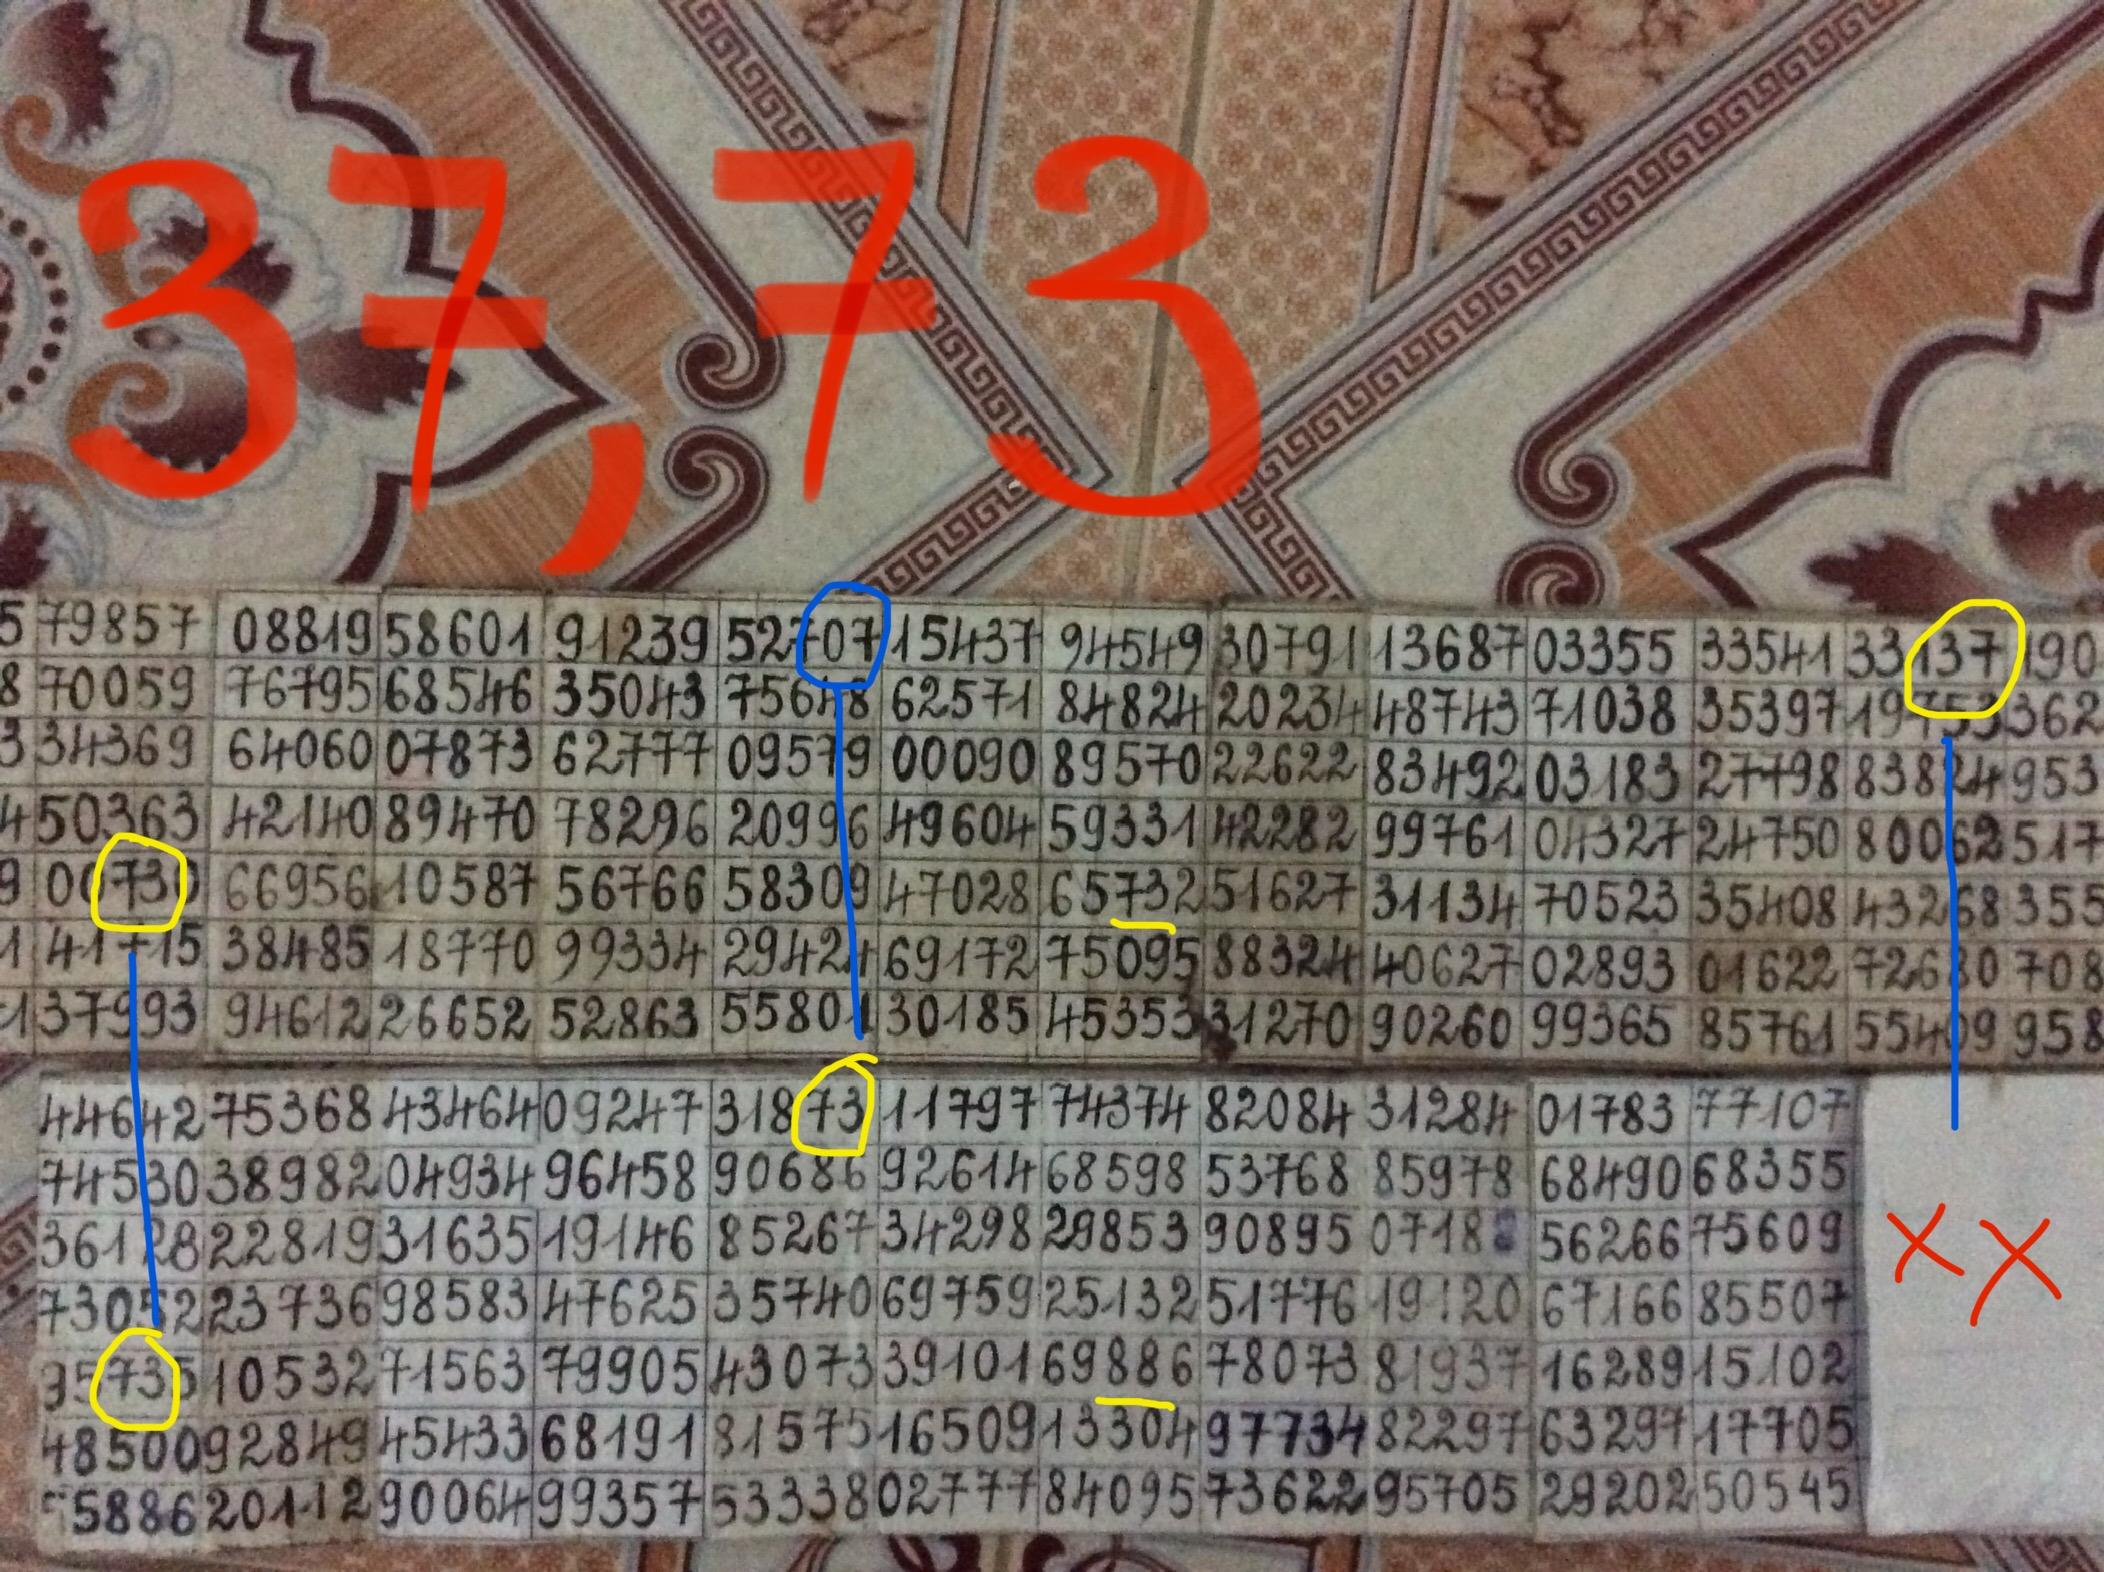 73987F1D-06AF-4120-8008-F28F8307B22A.jpeg